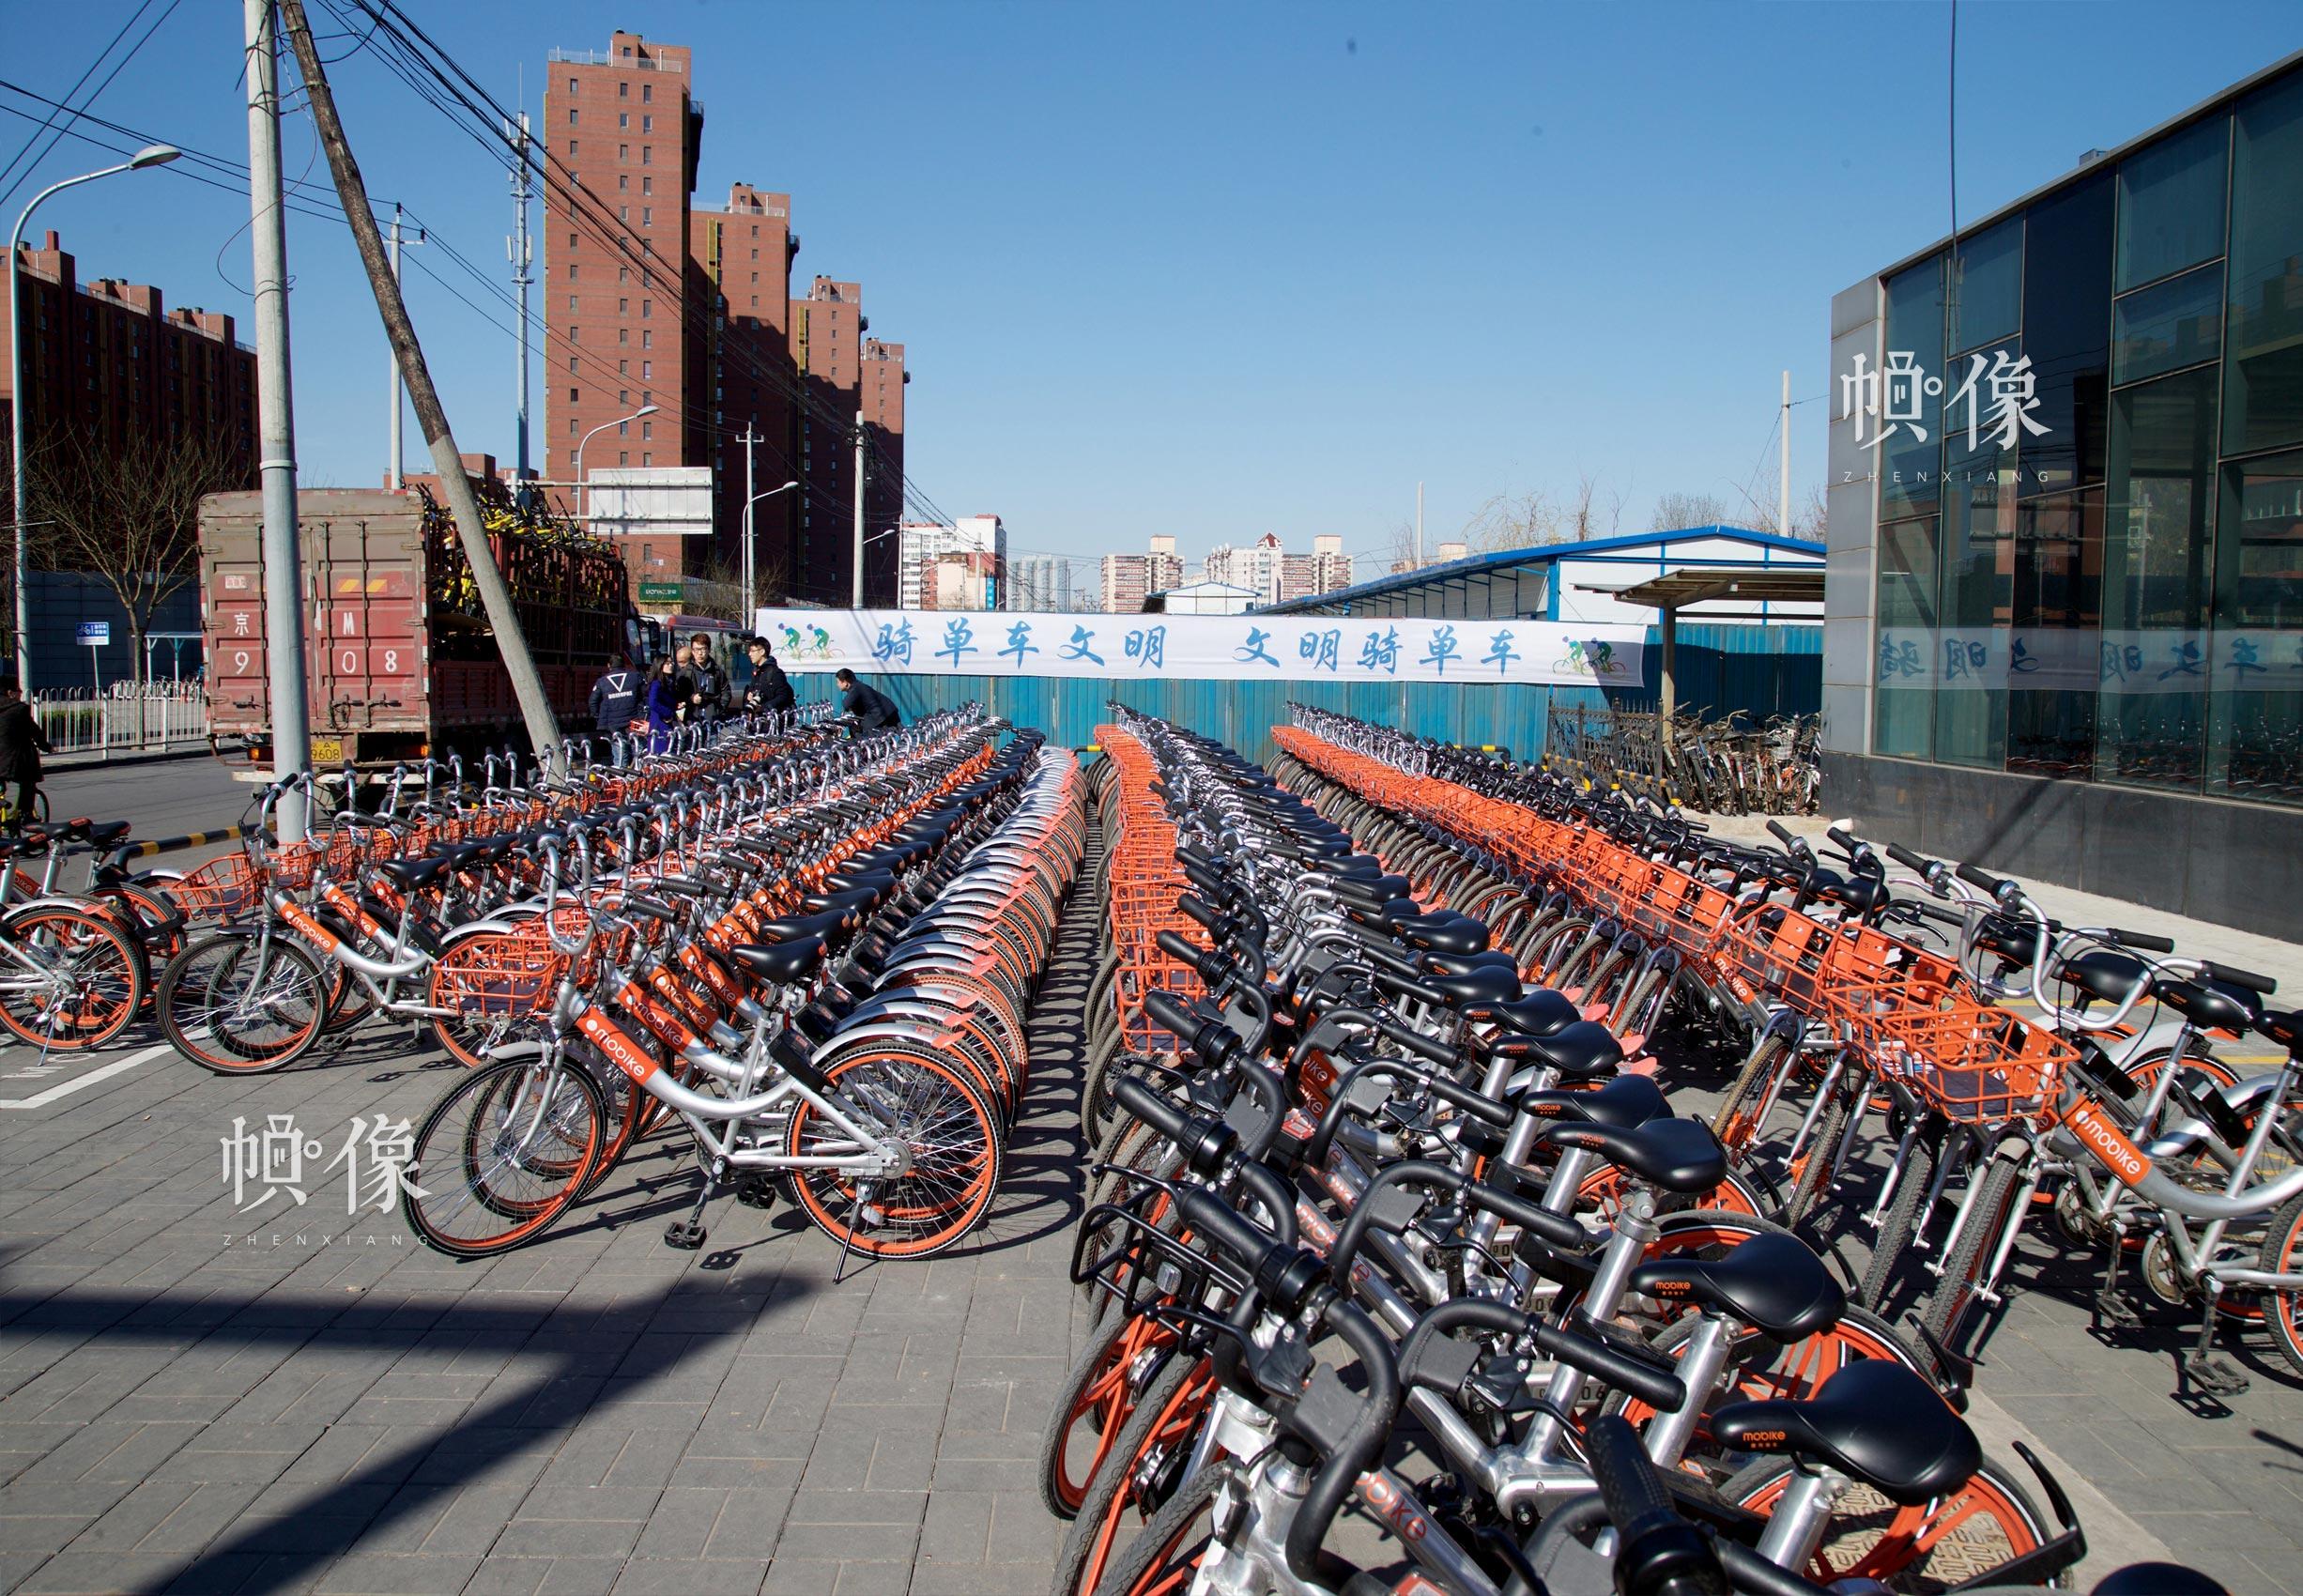 2017年3月27日,北京地铁角门东站外,成排的共享单车整齐停放在共享单车推荐停车区。中国网记者 高南 摄